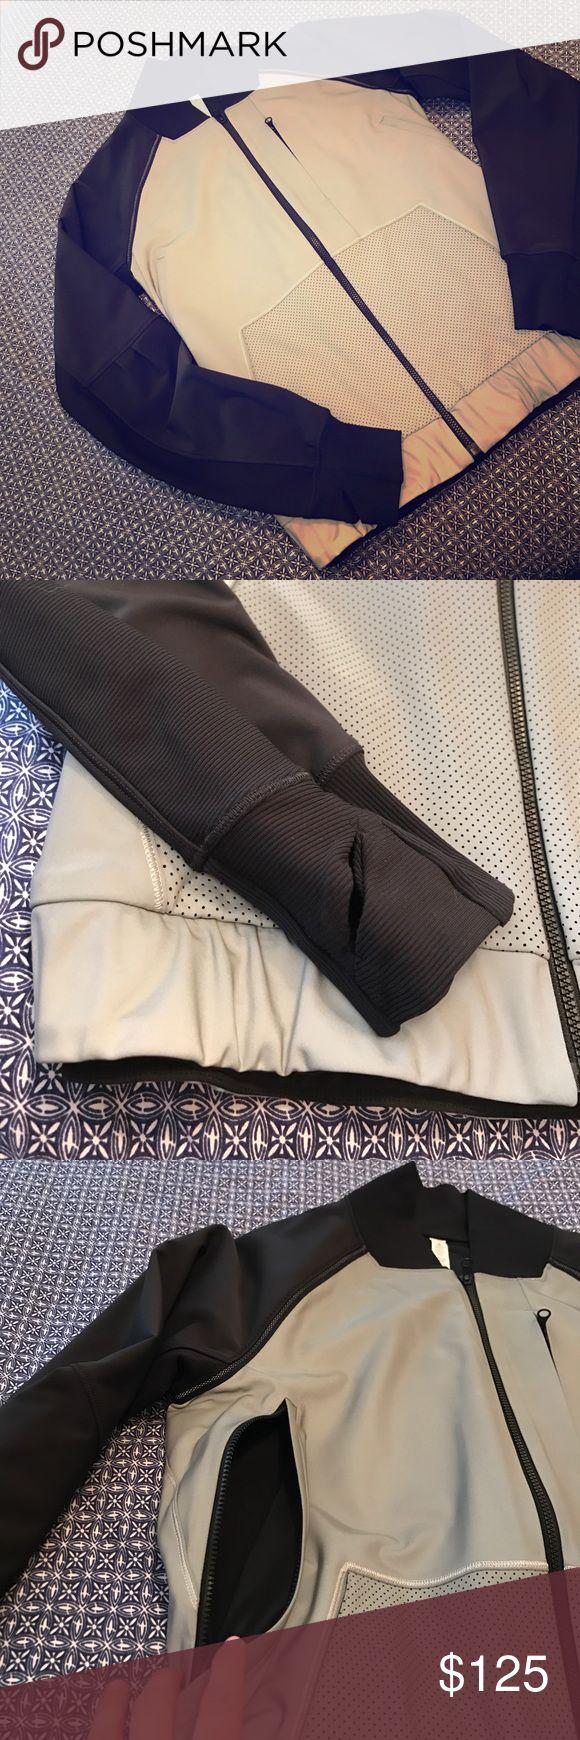 Black/Grey Lululemon Reflective Running Jacket